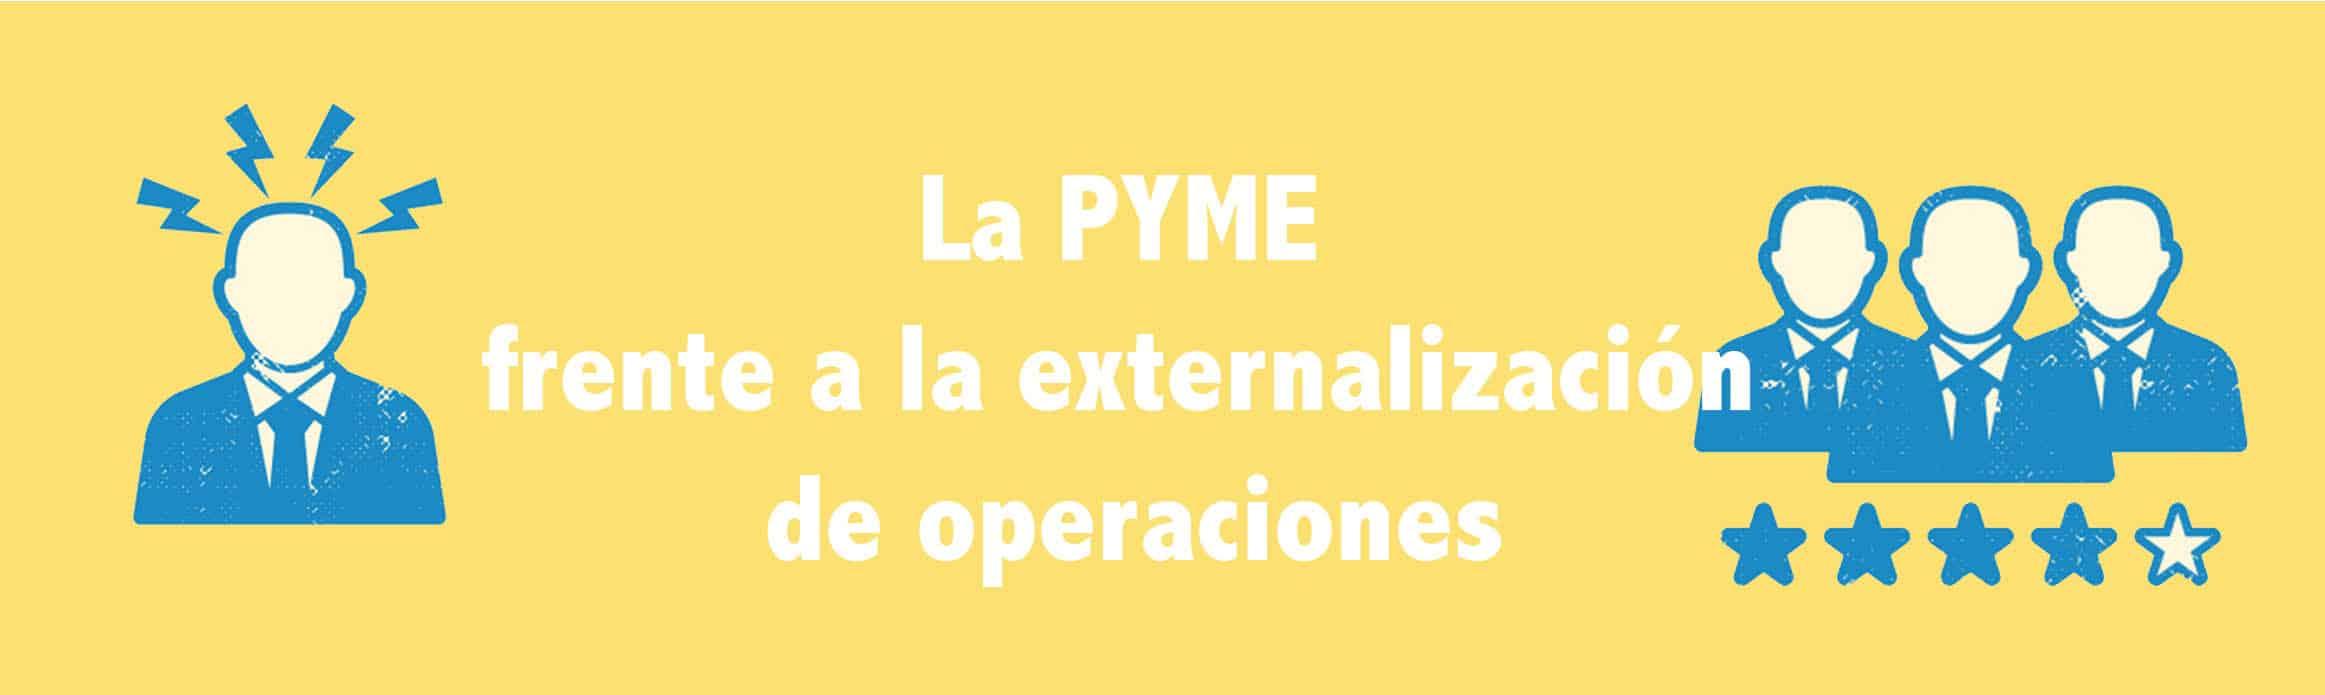 externalización de la pyme